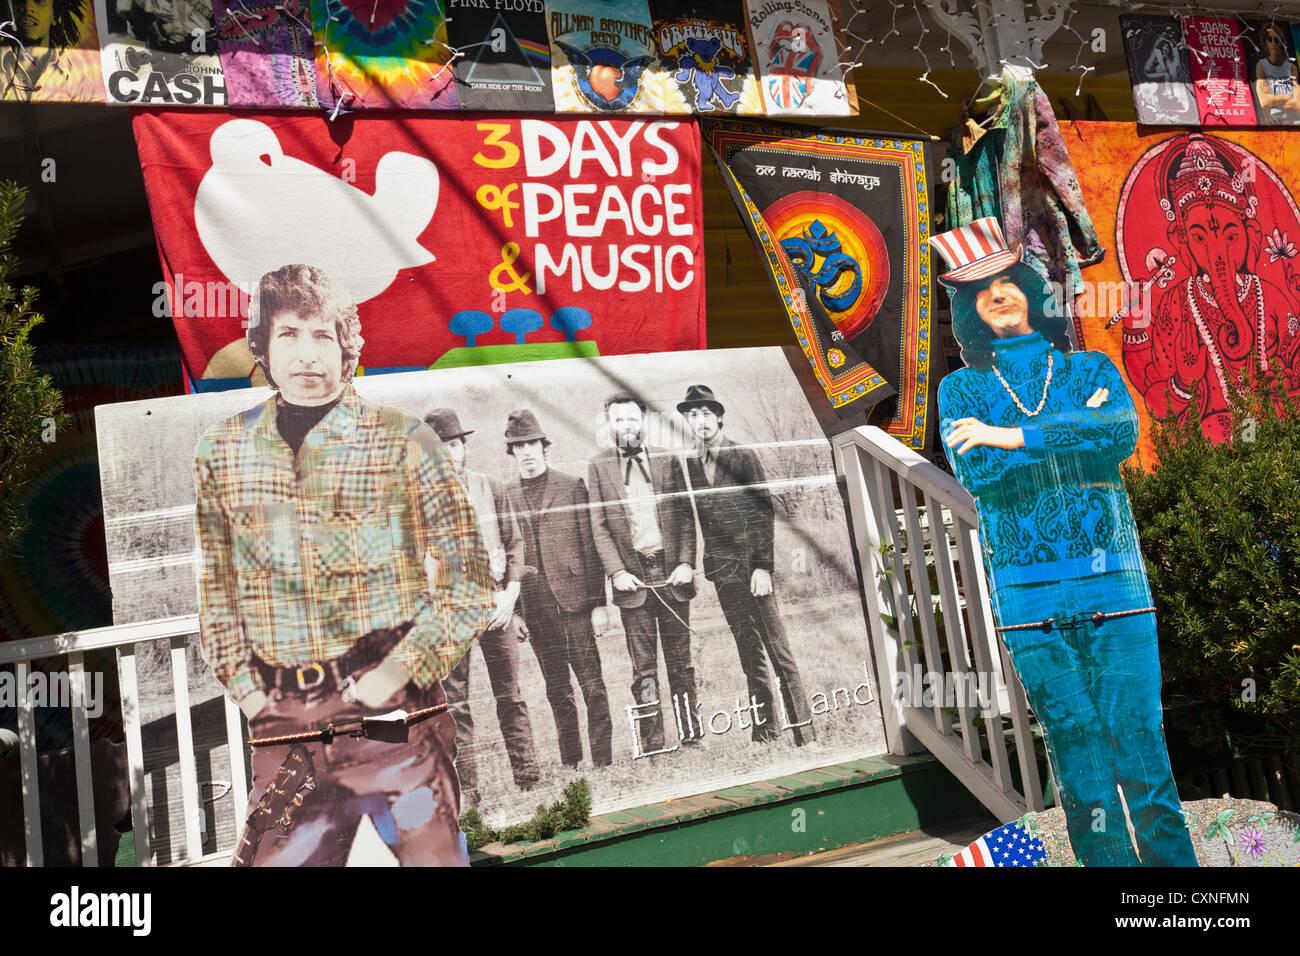 Una tienda en Woodstock, Nueva York, Catskills, presume de 60's parafernalia, recuerdos, carteles, etc. Imagen De Stock